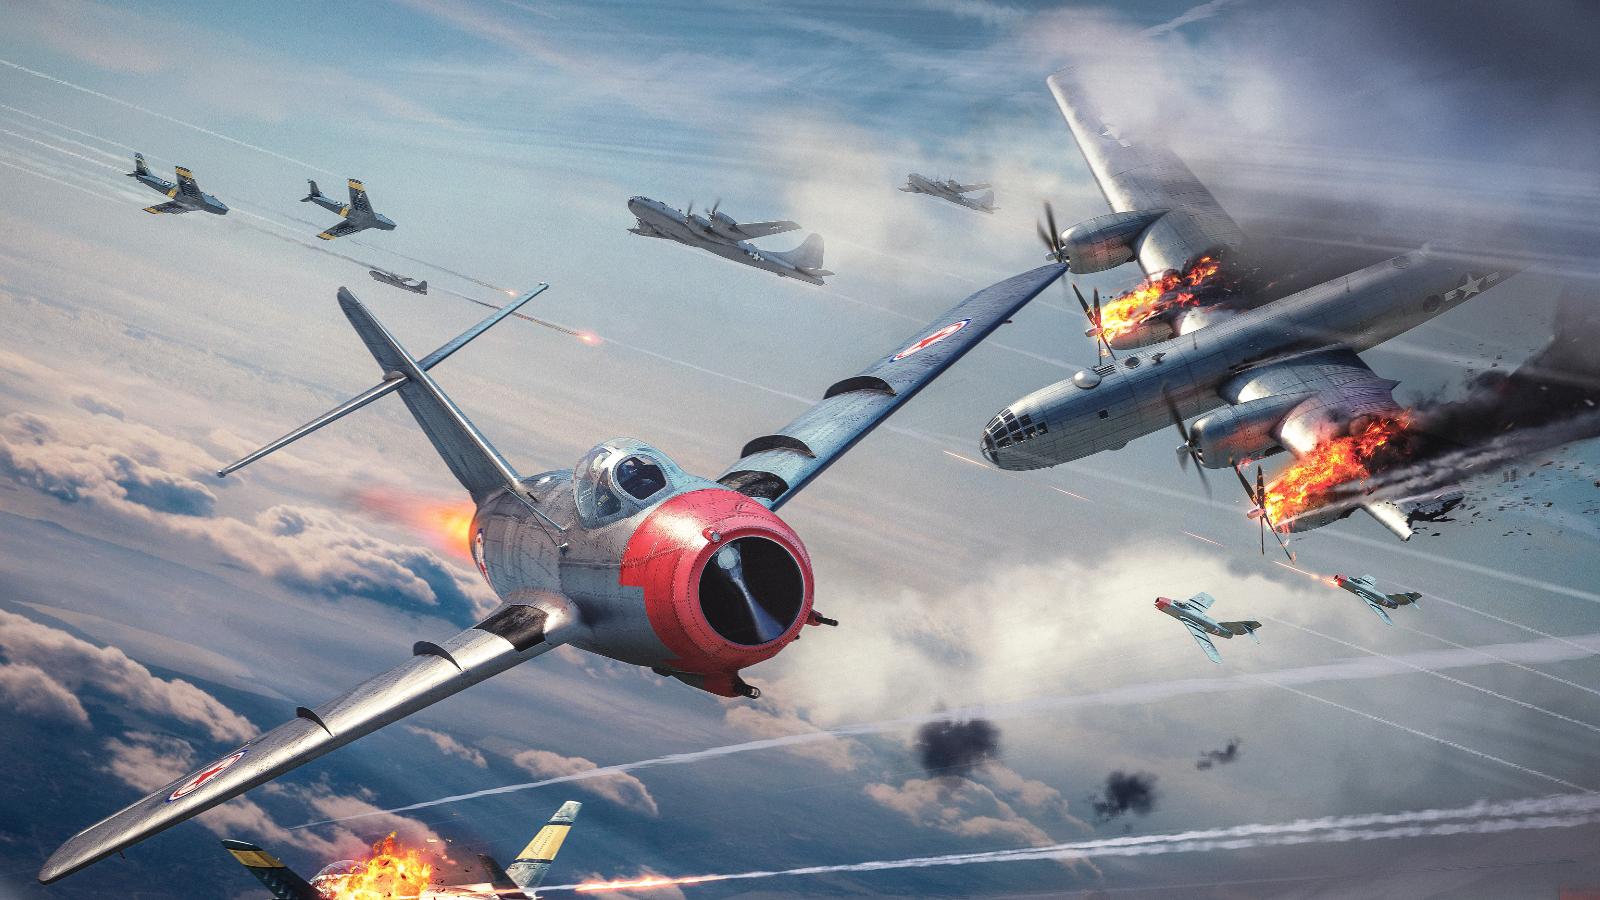 朝鲜战争时,为什么过了7个月才开始买飞机